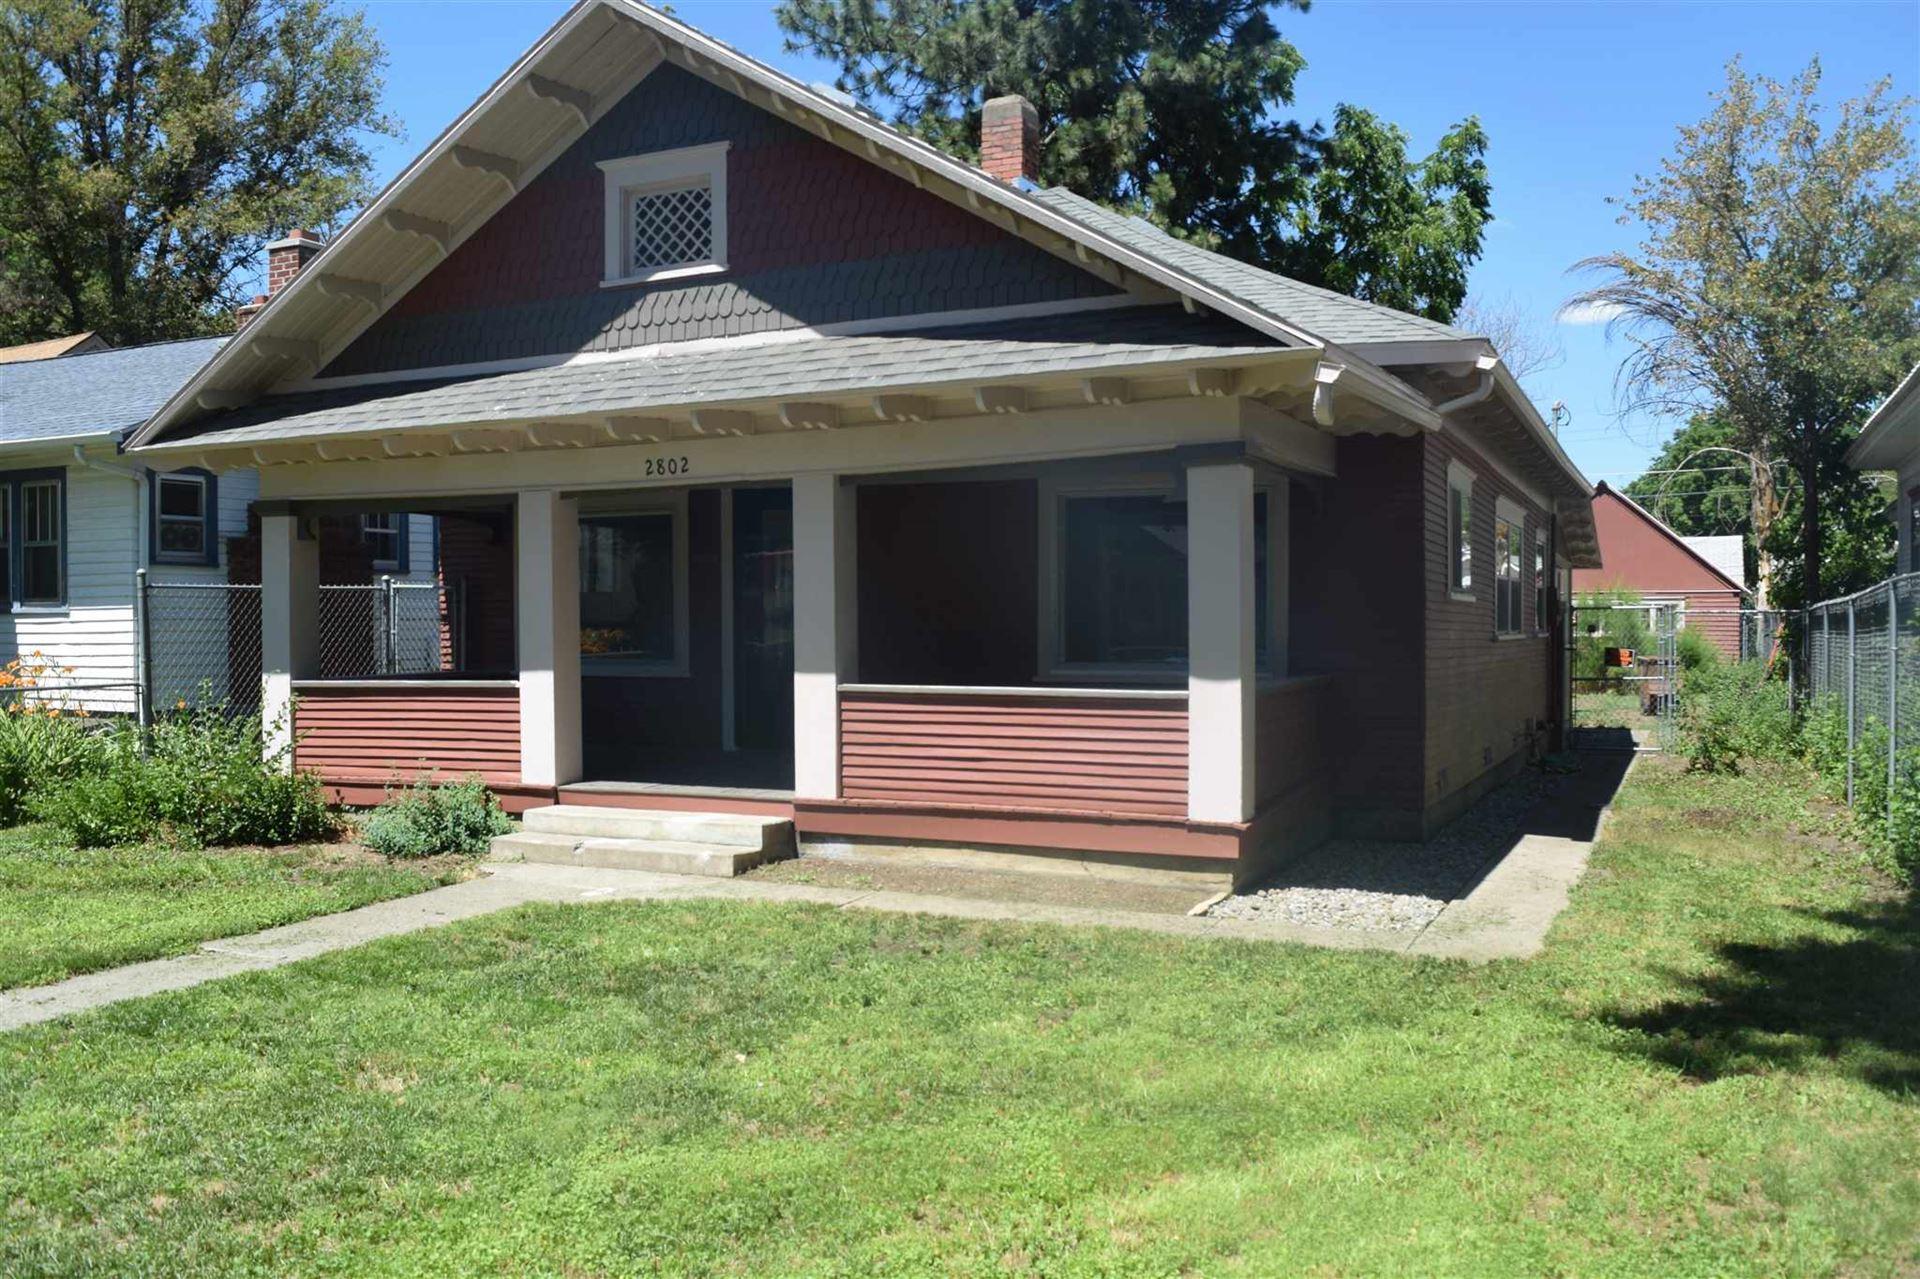 2802 W Dean Ave, Spokane, WA 99201 - #: 202118257